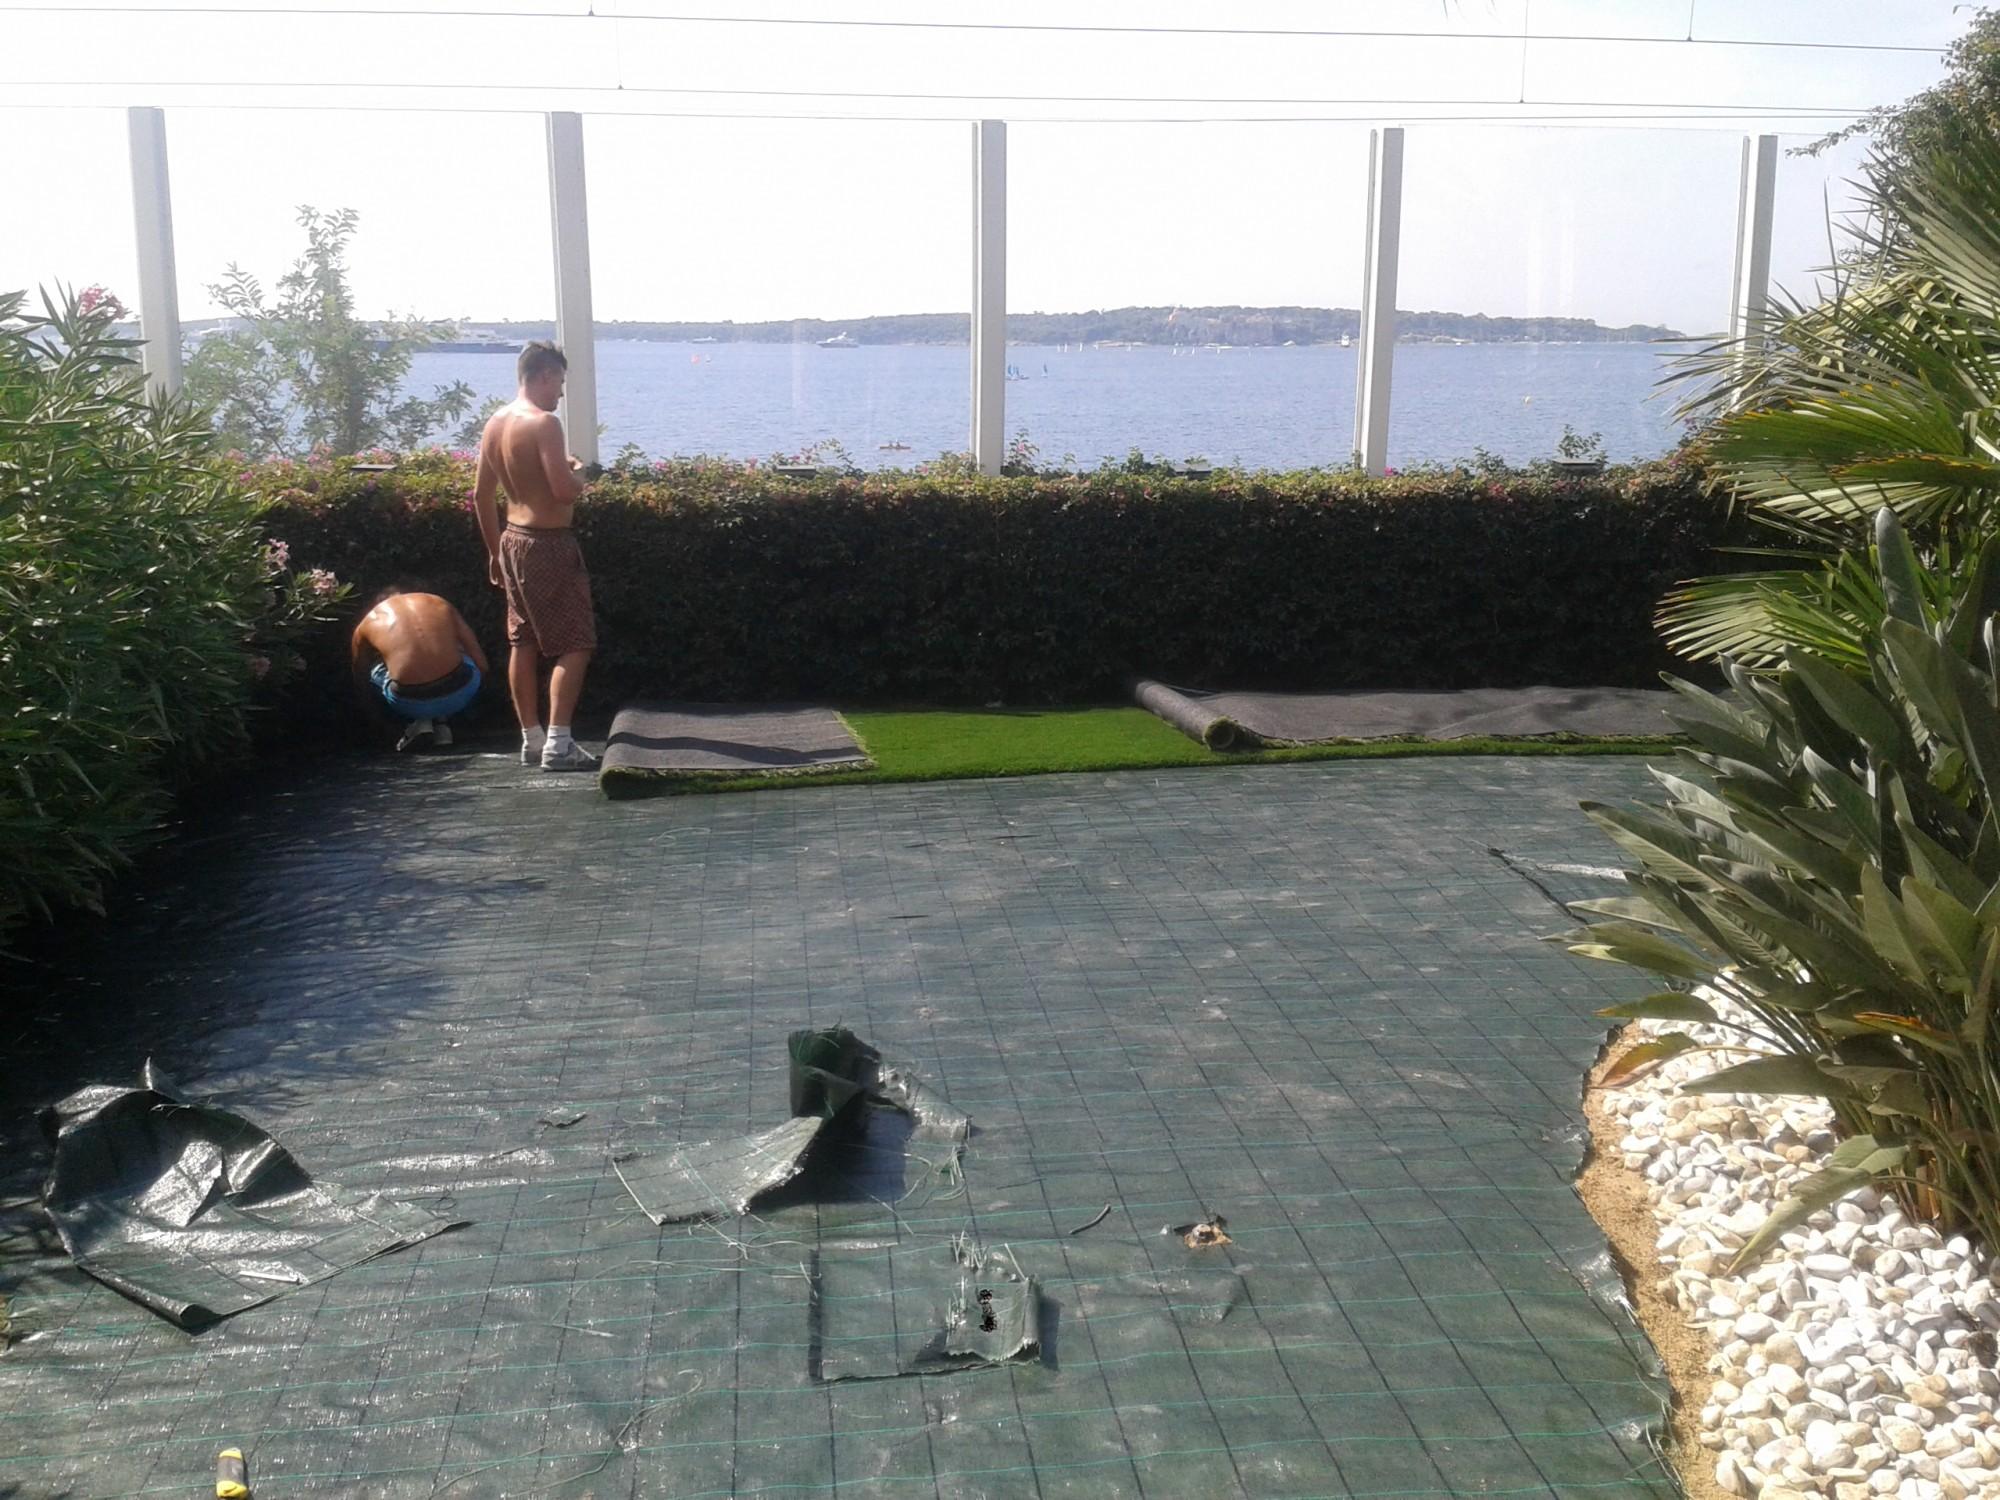 pose de 260 m de gazon synth tique cannes dans un jardin du bord de mer la pose gazon. Black Bedroom Furniture Sets. Home Design Ideas